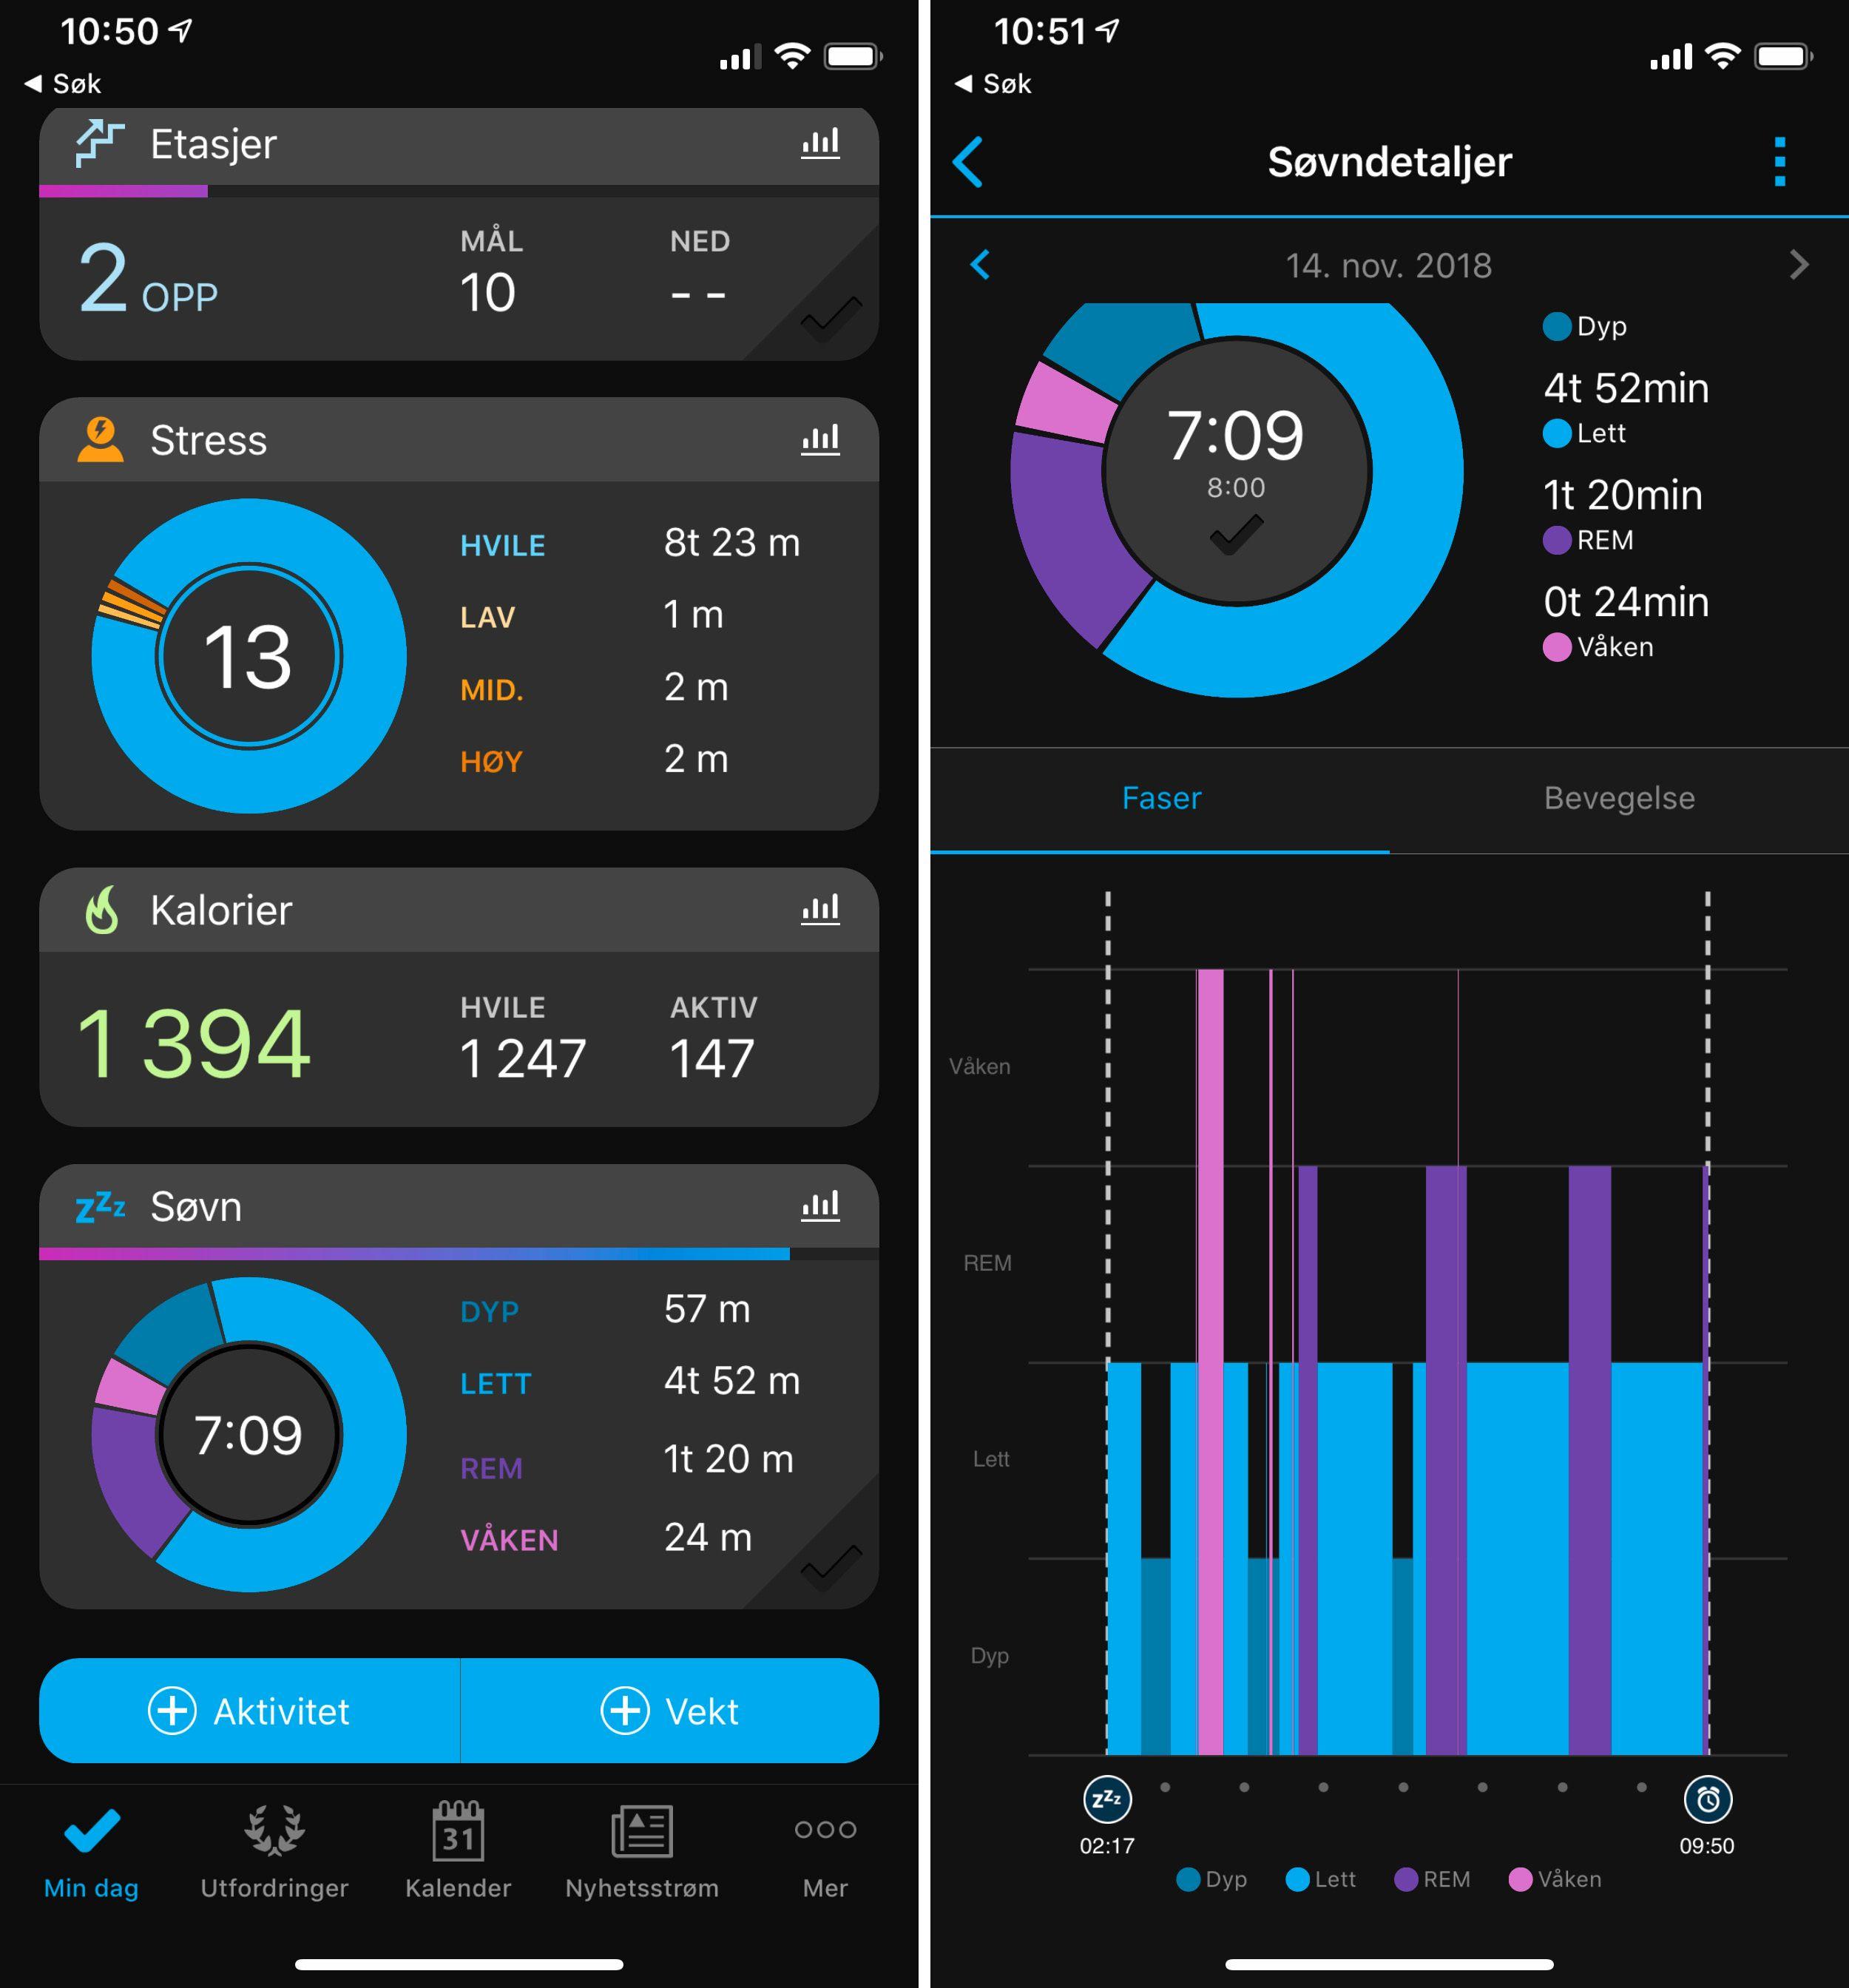 Garmins app er av det detaljerte slaget, og kan fortelle deg akkurat hvor godt du sov, hva pulsen din har vært og hvor aktiv du har vært. Men det bruker klokka ganske mye batteri på å registrere.